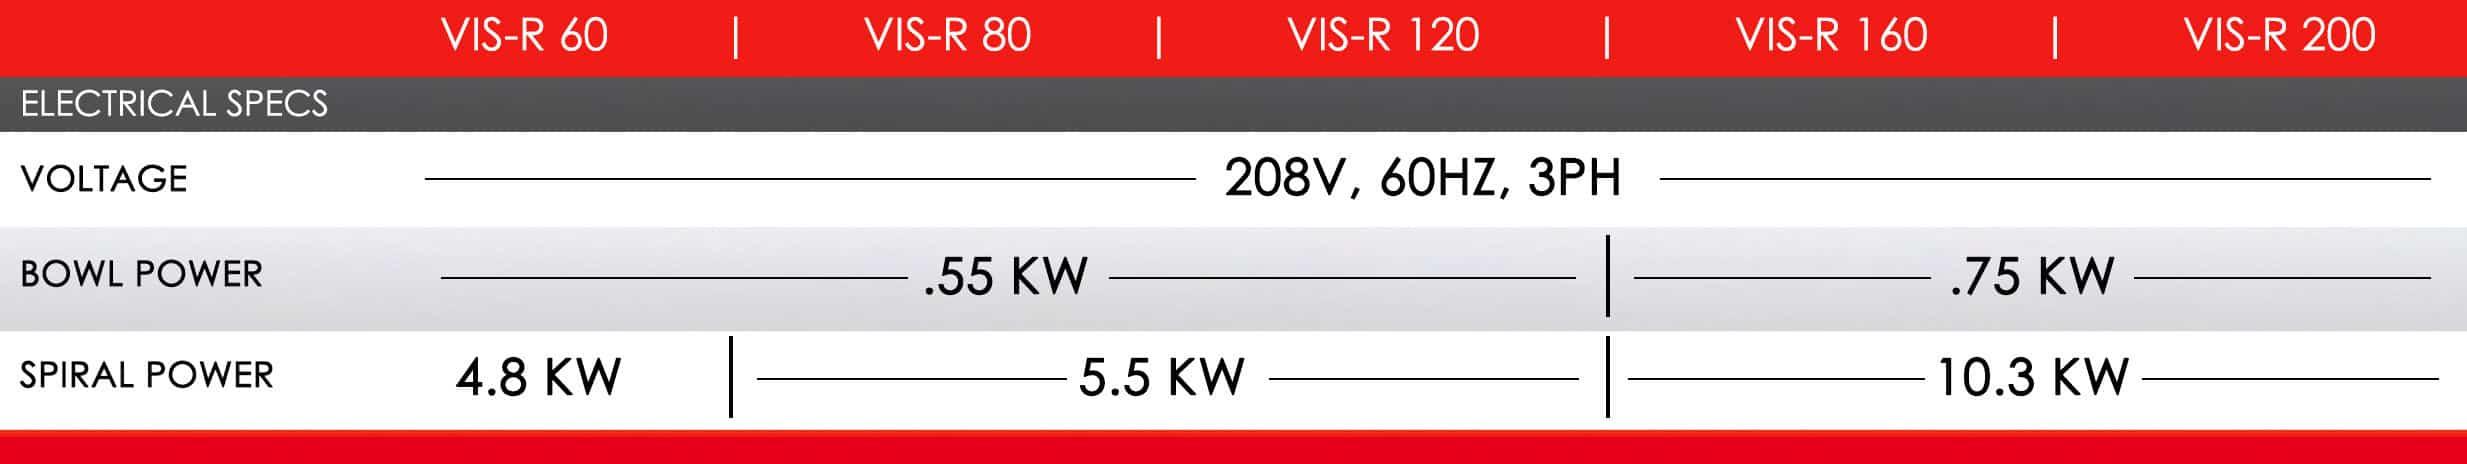 VIS-R Series Electrical Specs